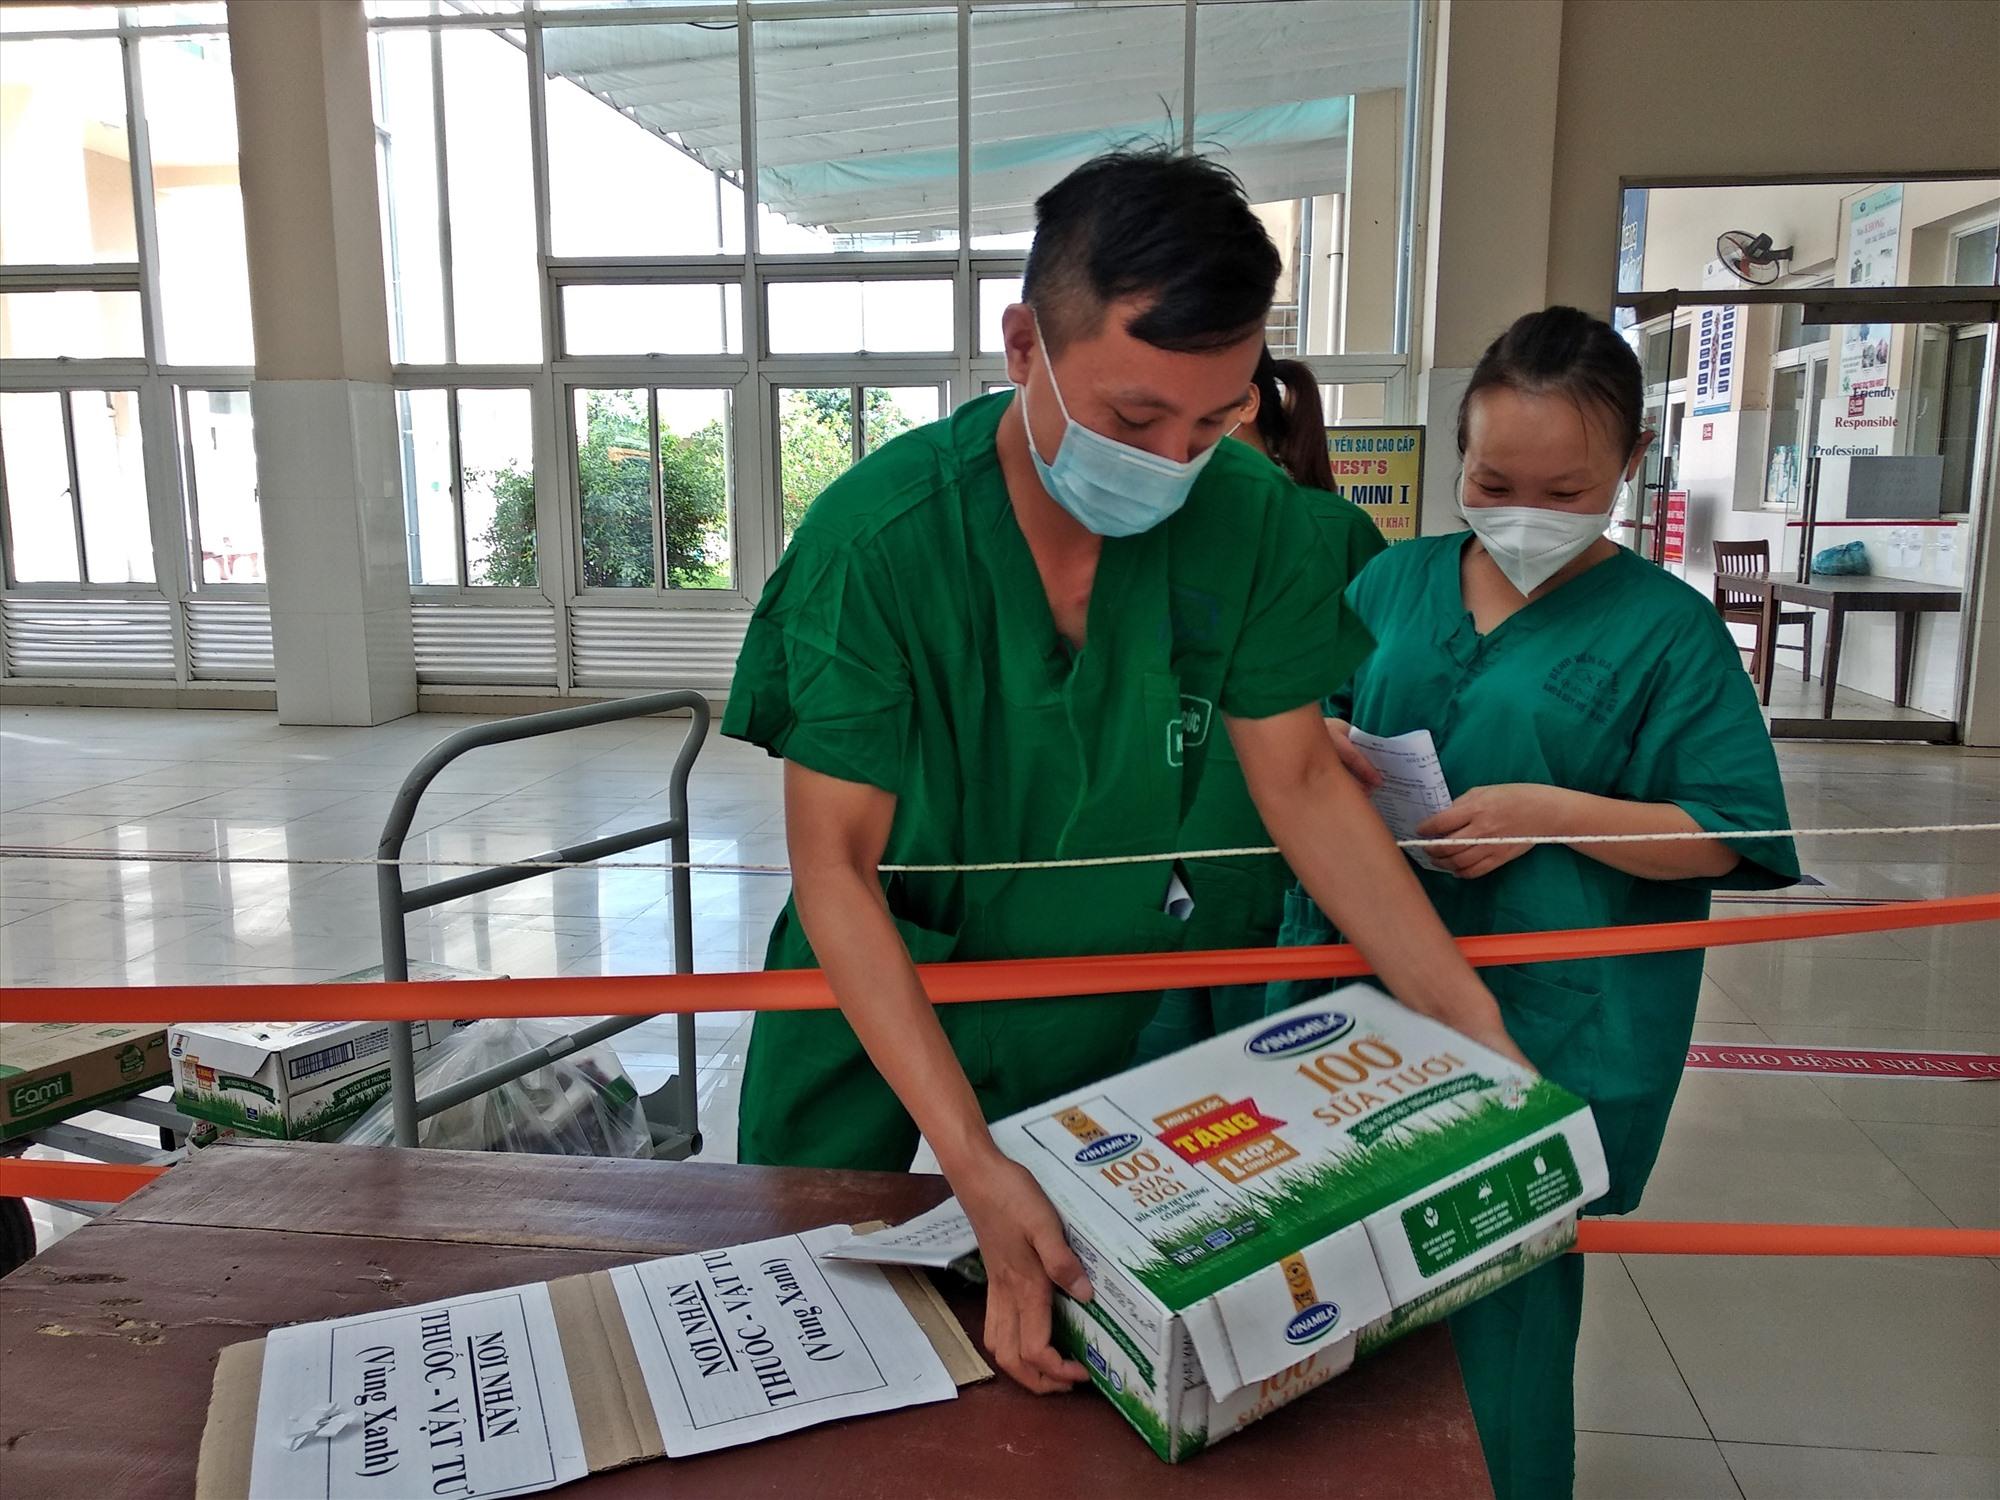 Chuyển vật tư, vật dụng cần thiết vào bên trong khu cách ly điều trị bệnh nhân SARS-CoV-2. Ảnh: THẢO ĐẠO